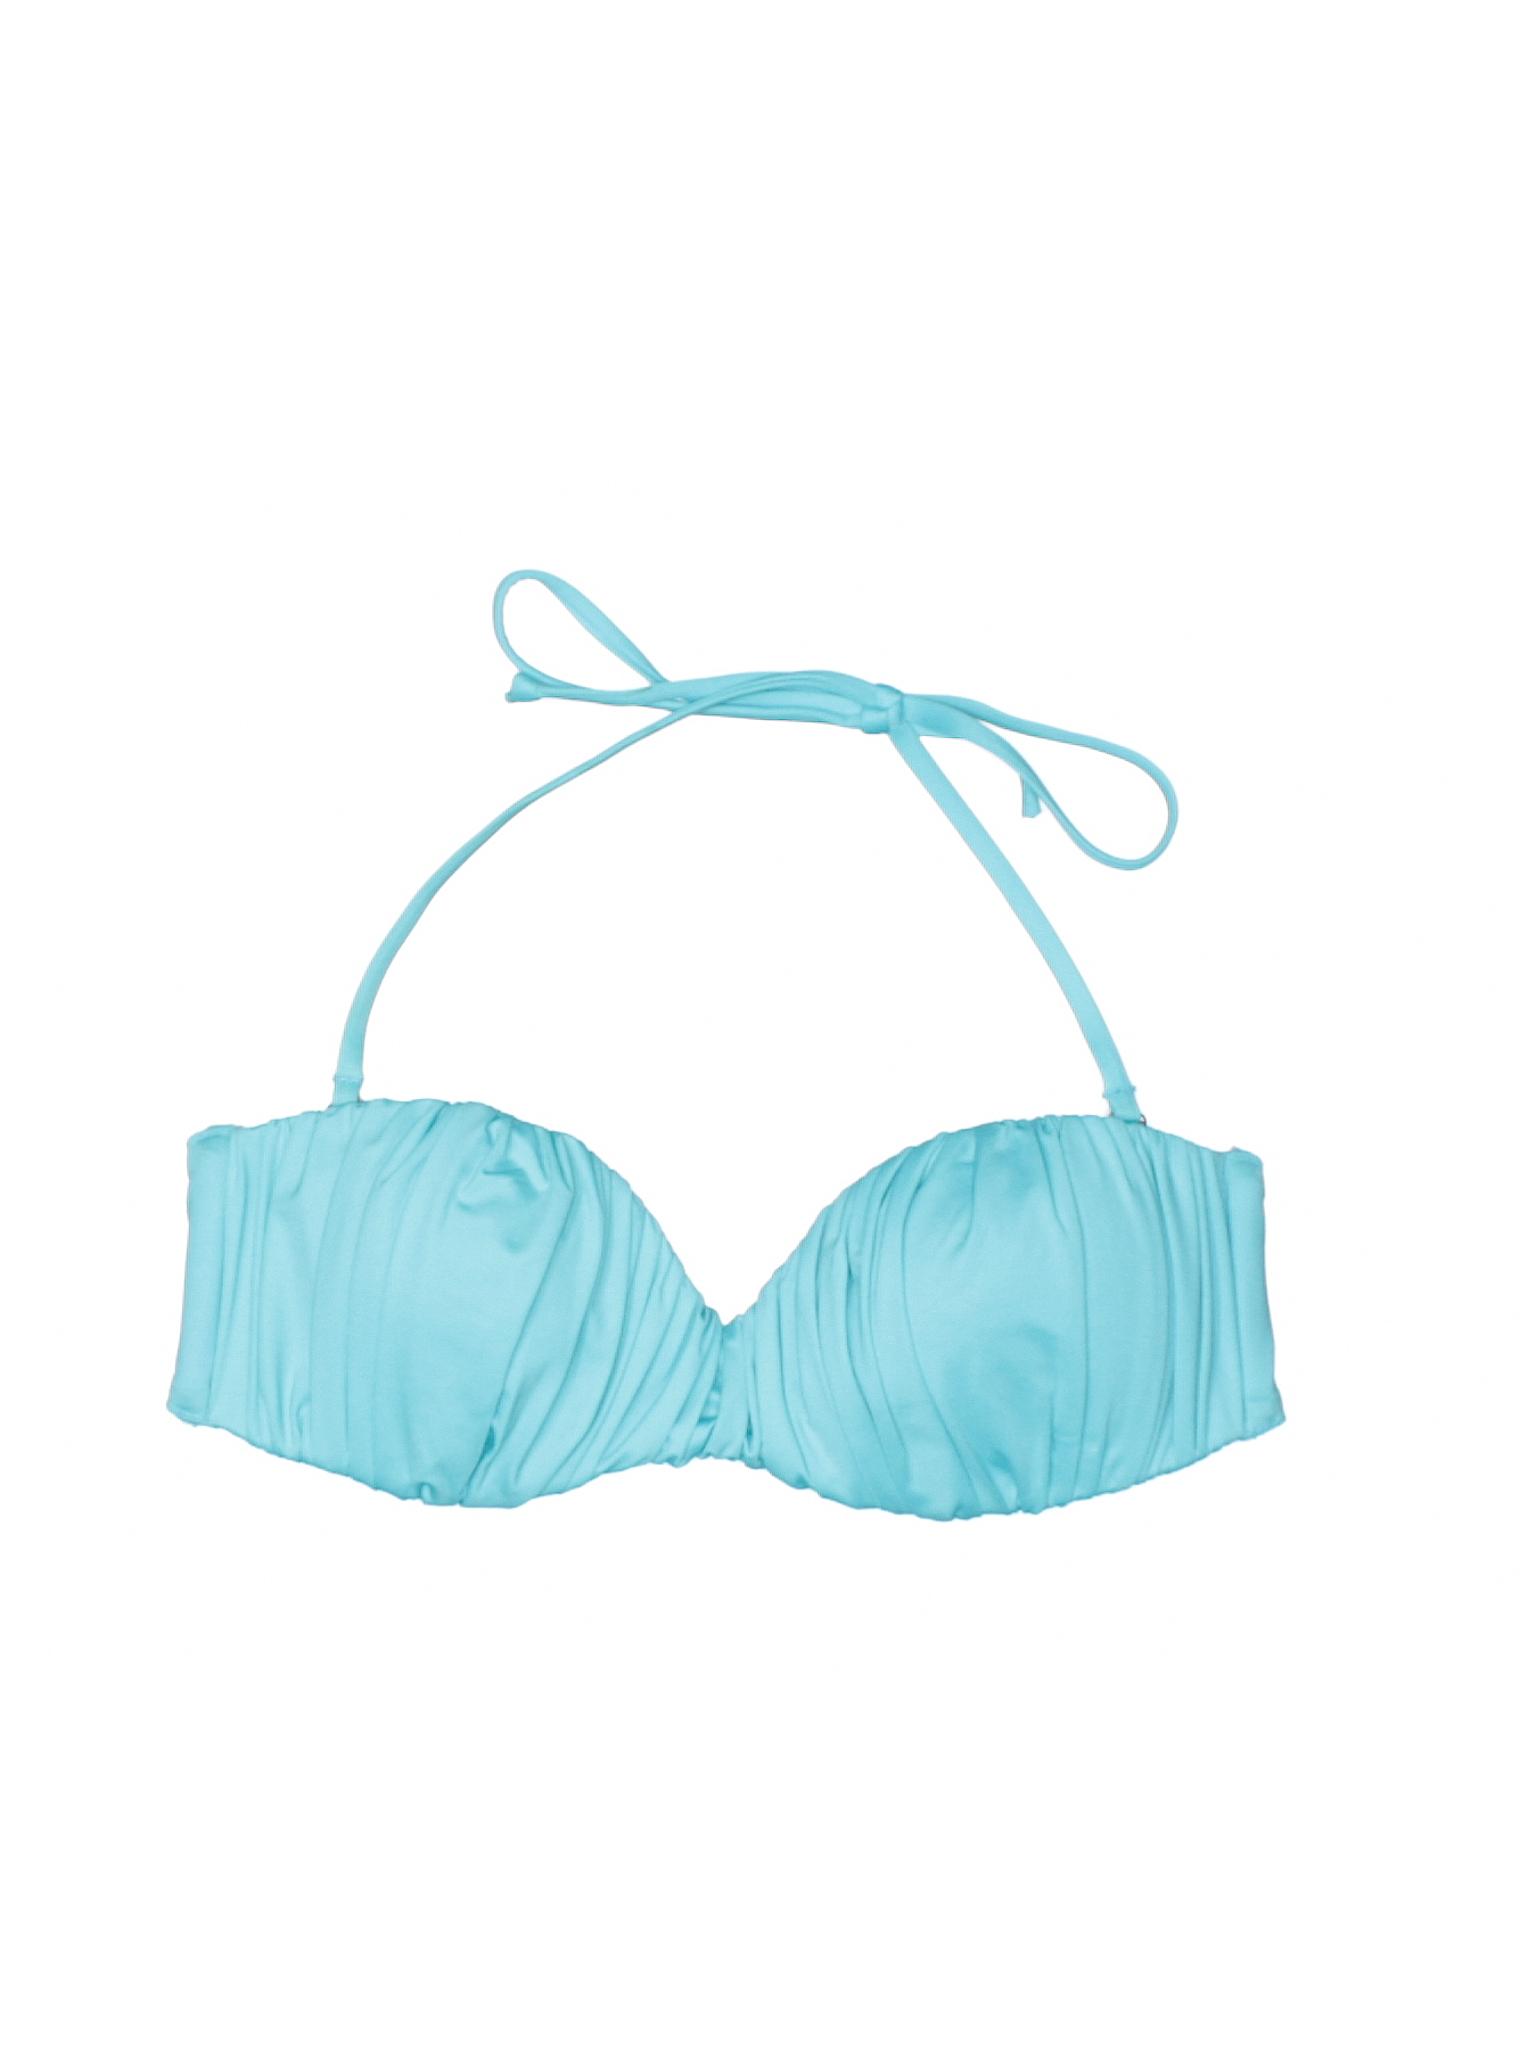 H Boutique Top Boutique Swimsuit H amp;M qawBT7F